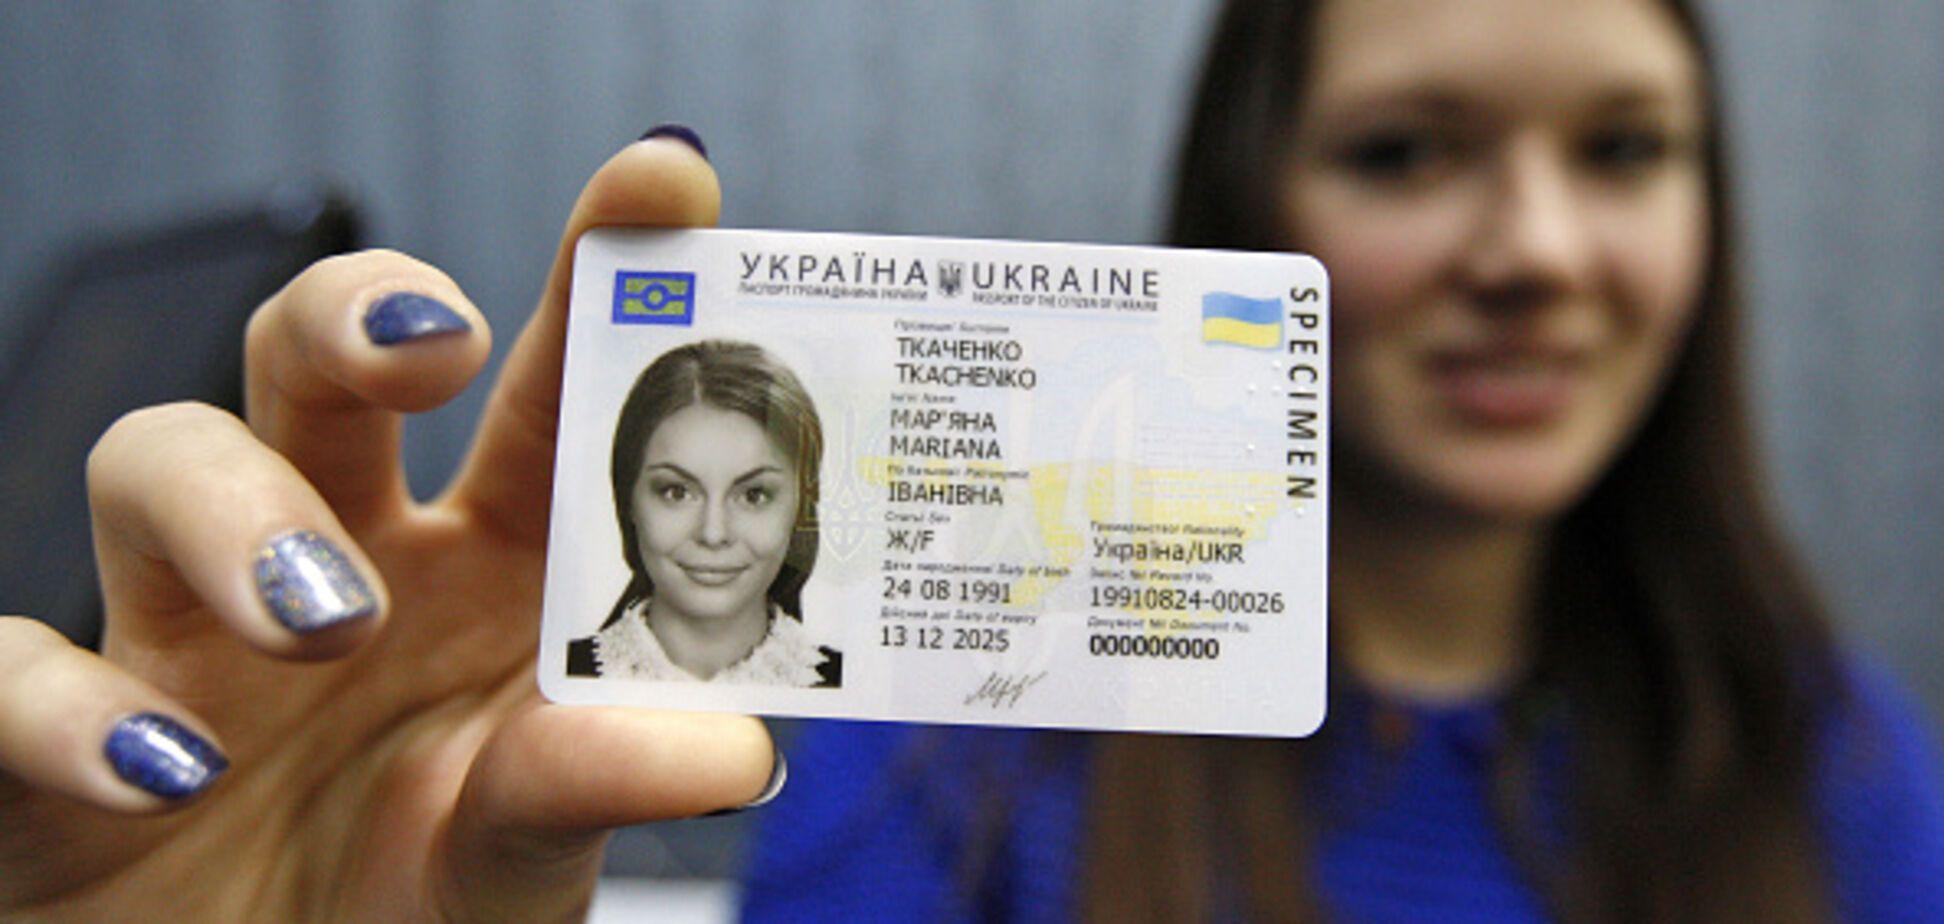 'Дякую автору геніальної ідеї': в 'ДНР' придумали, як позбавити сепаратистів українських паспортів